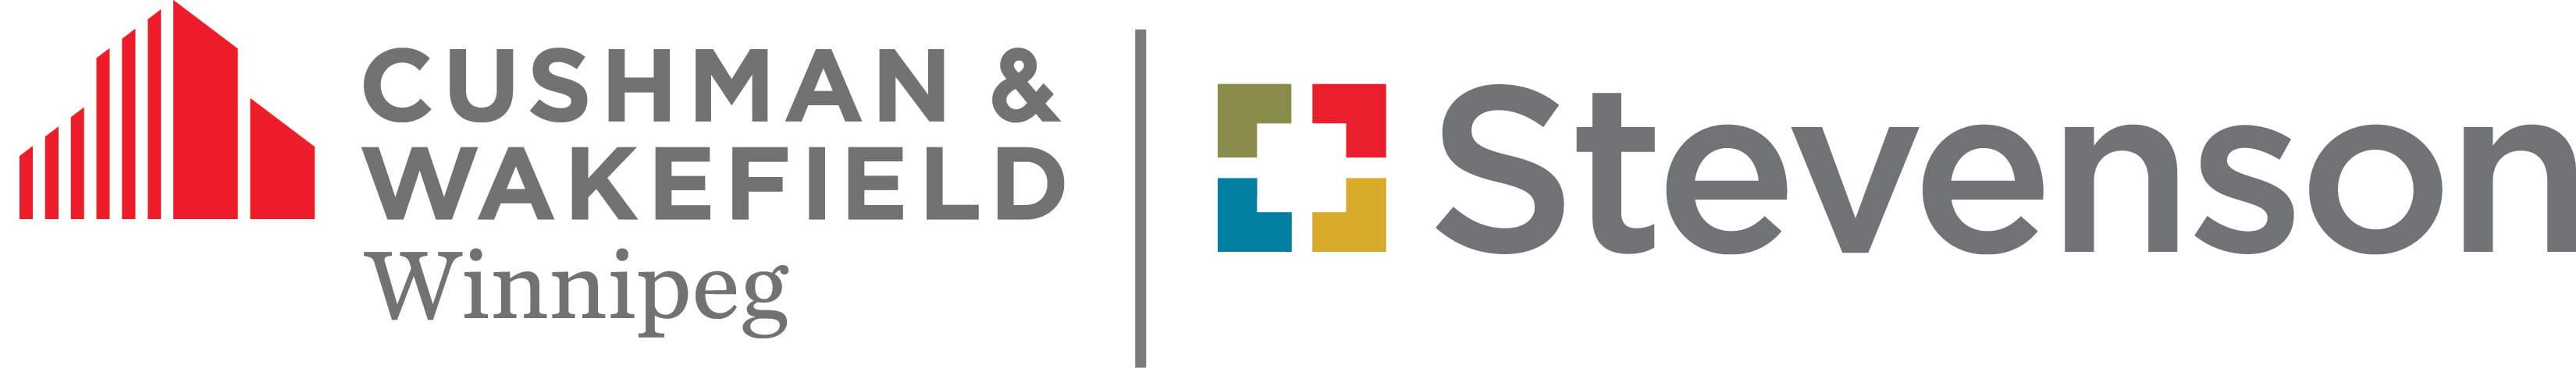 CW Winnipeg Stevenson Group Alliance Logo